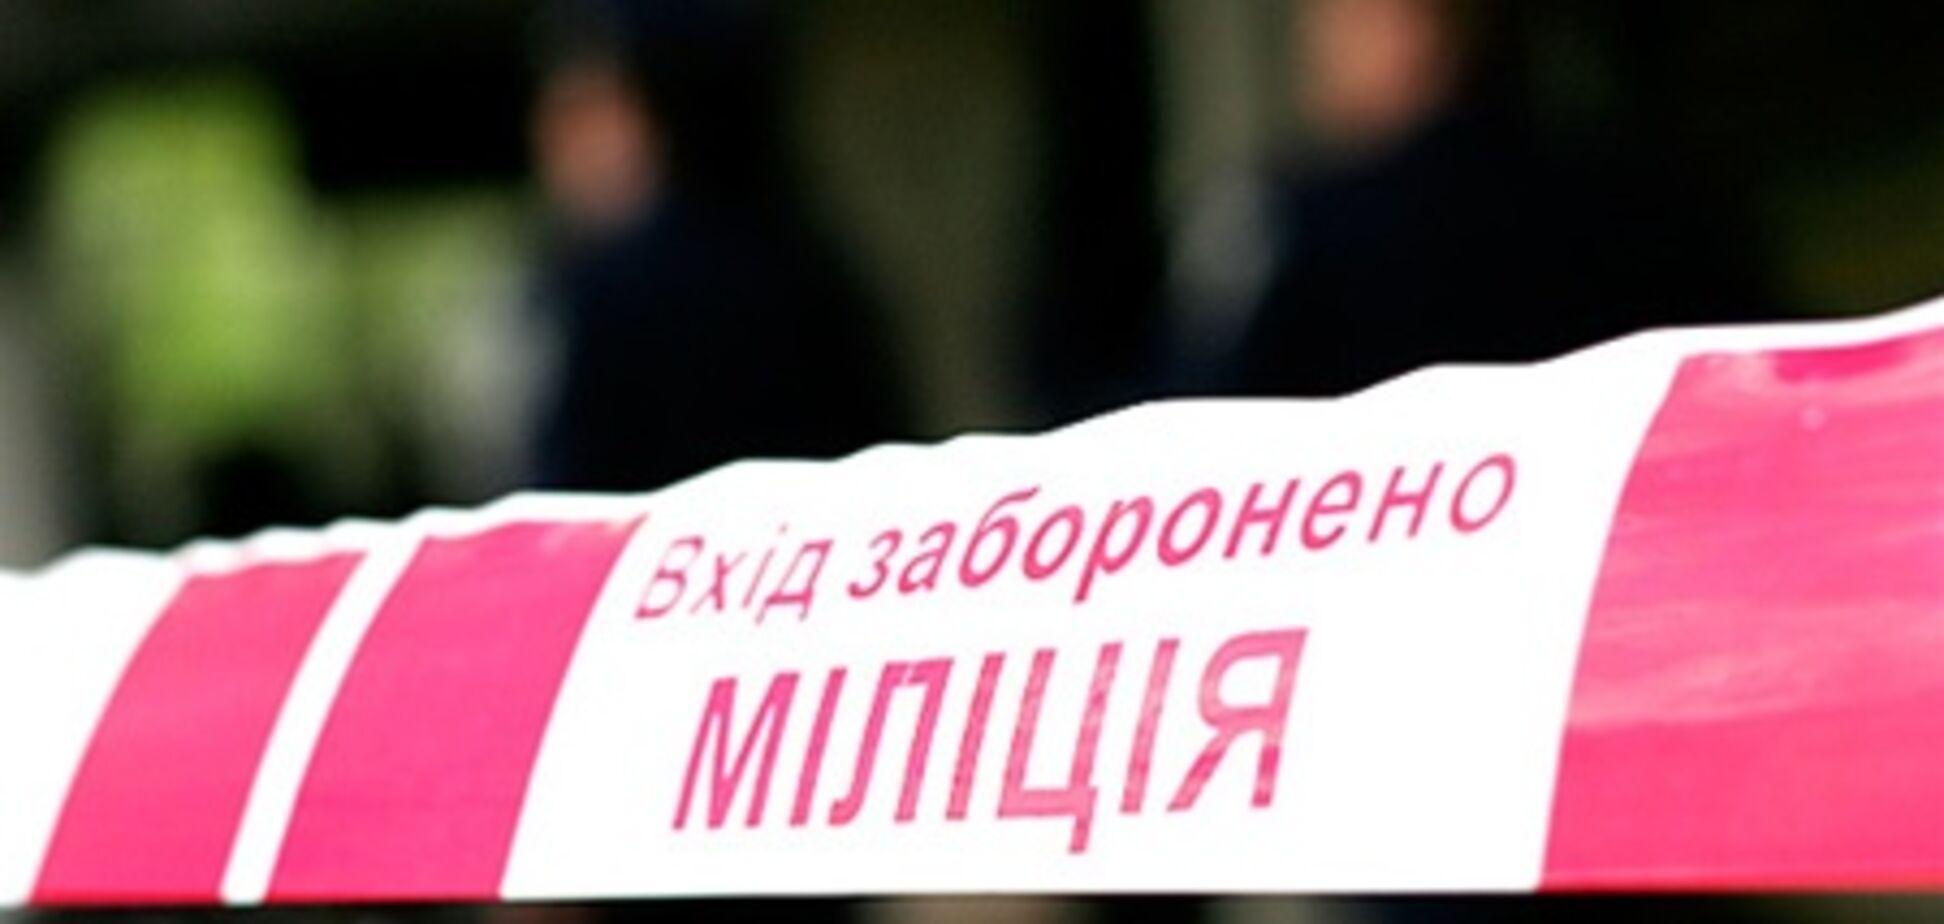 МВД «наехало» на журналистов за расследование?